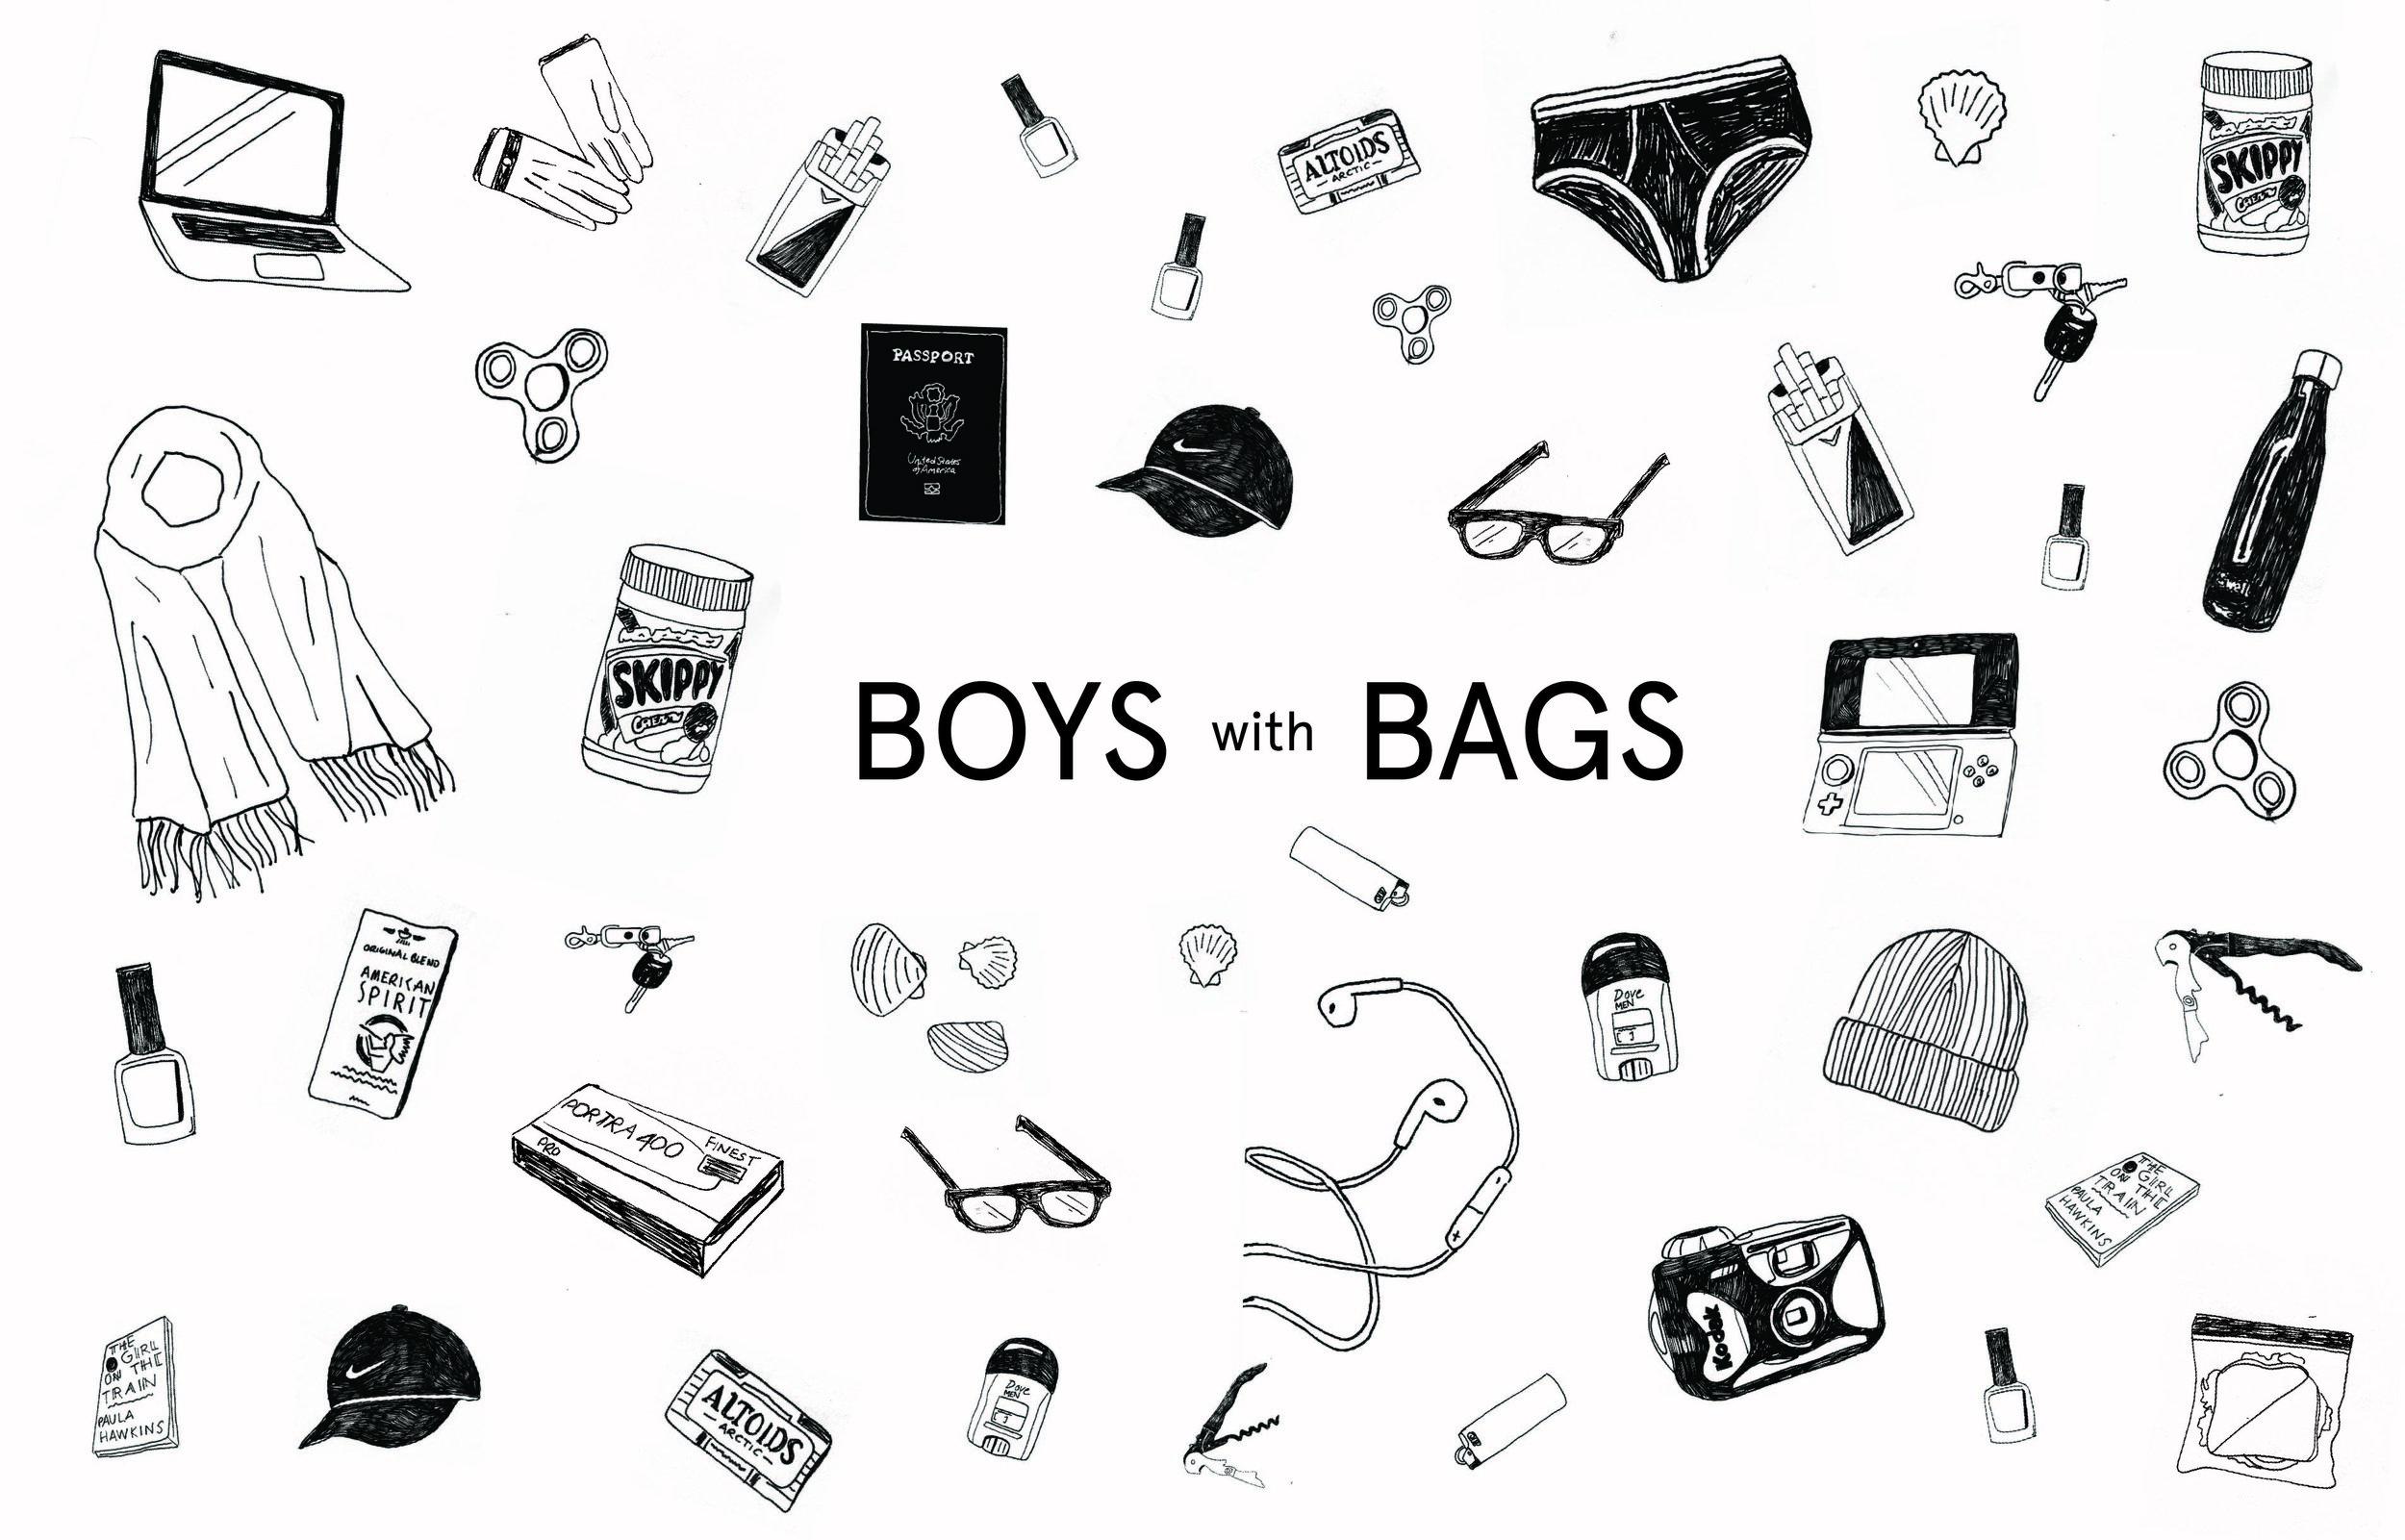 BoyswithBagscover_kylericher.jpg